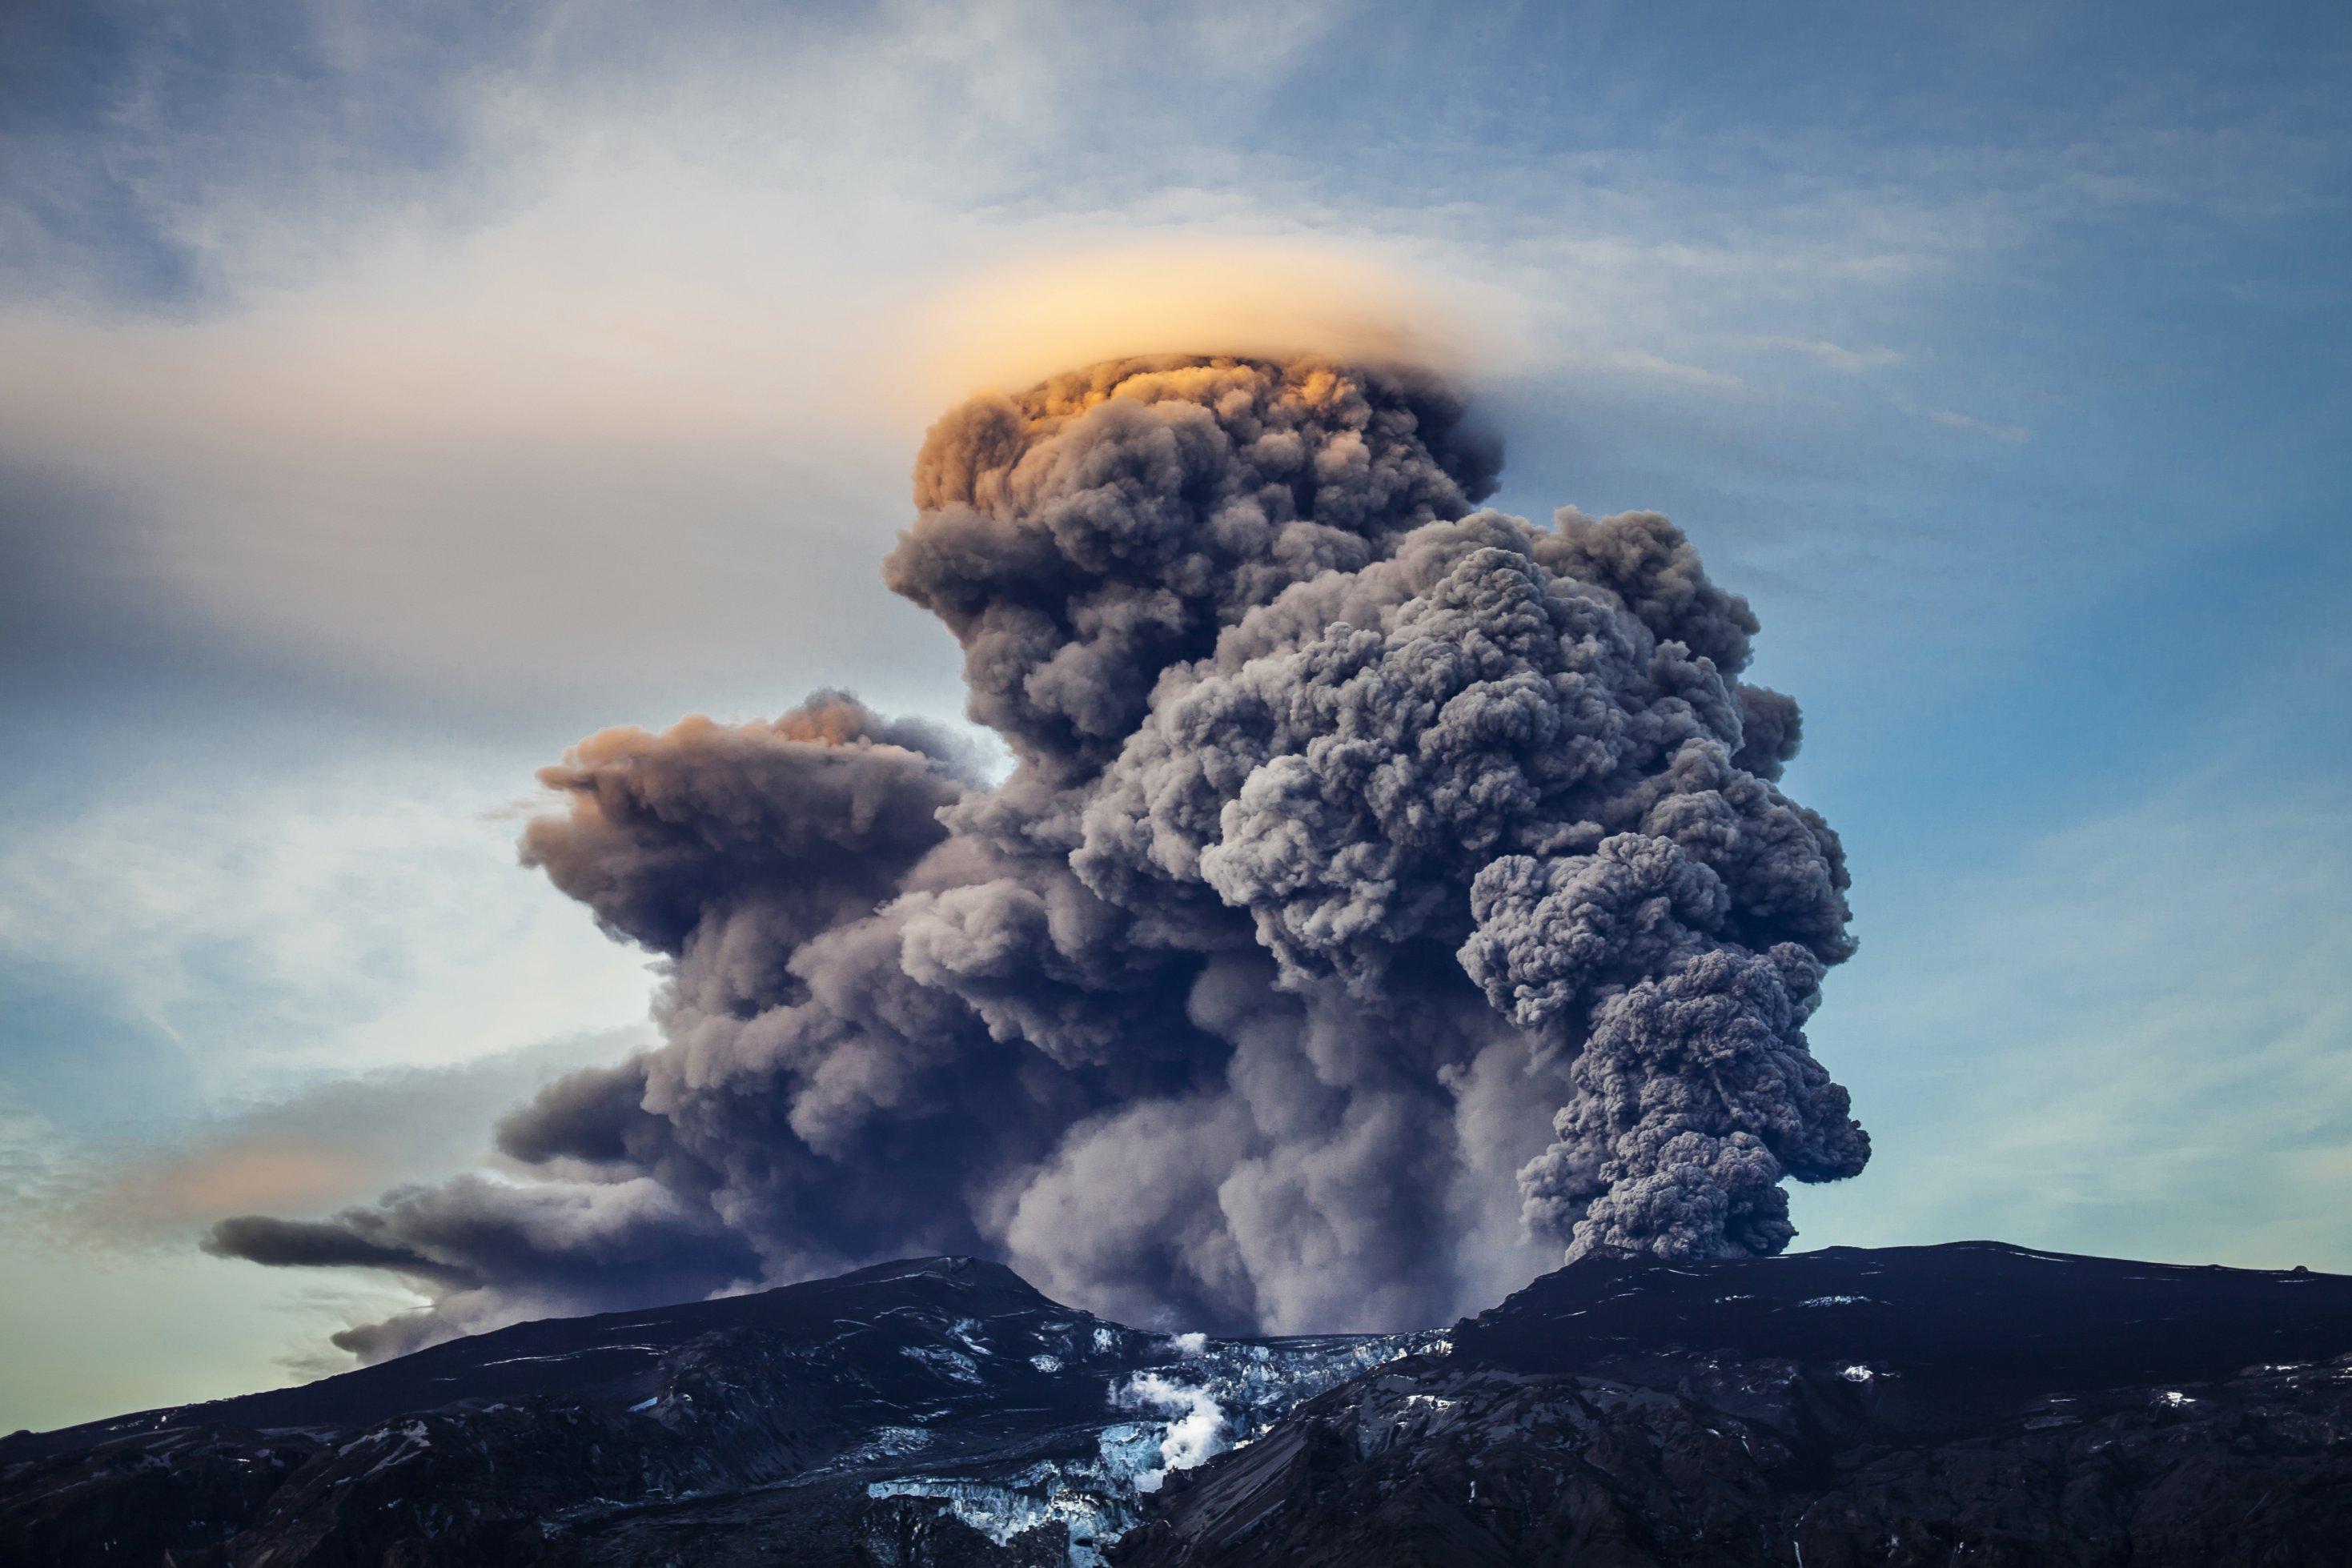 Das Bild zeigt den explodierenden isländischen Vulkan Eyjafjallajökull.